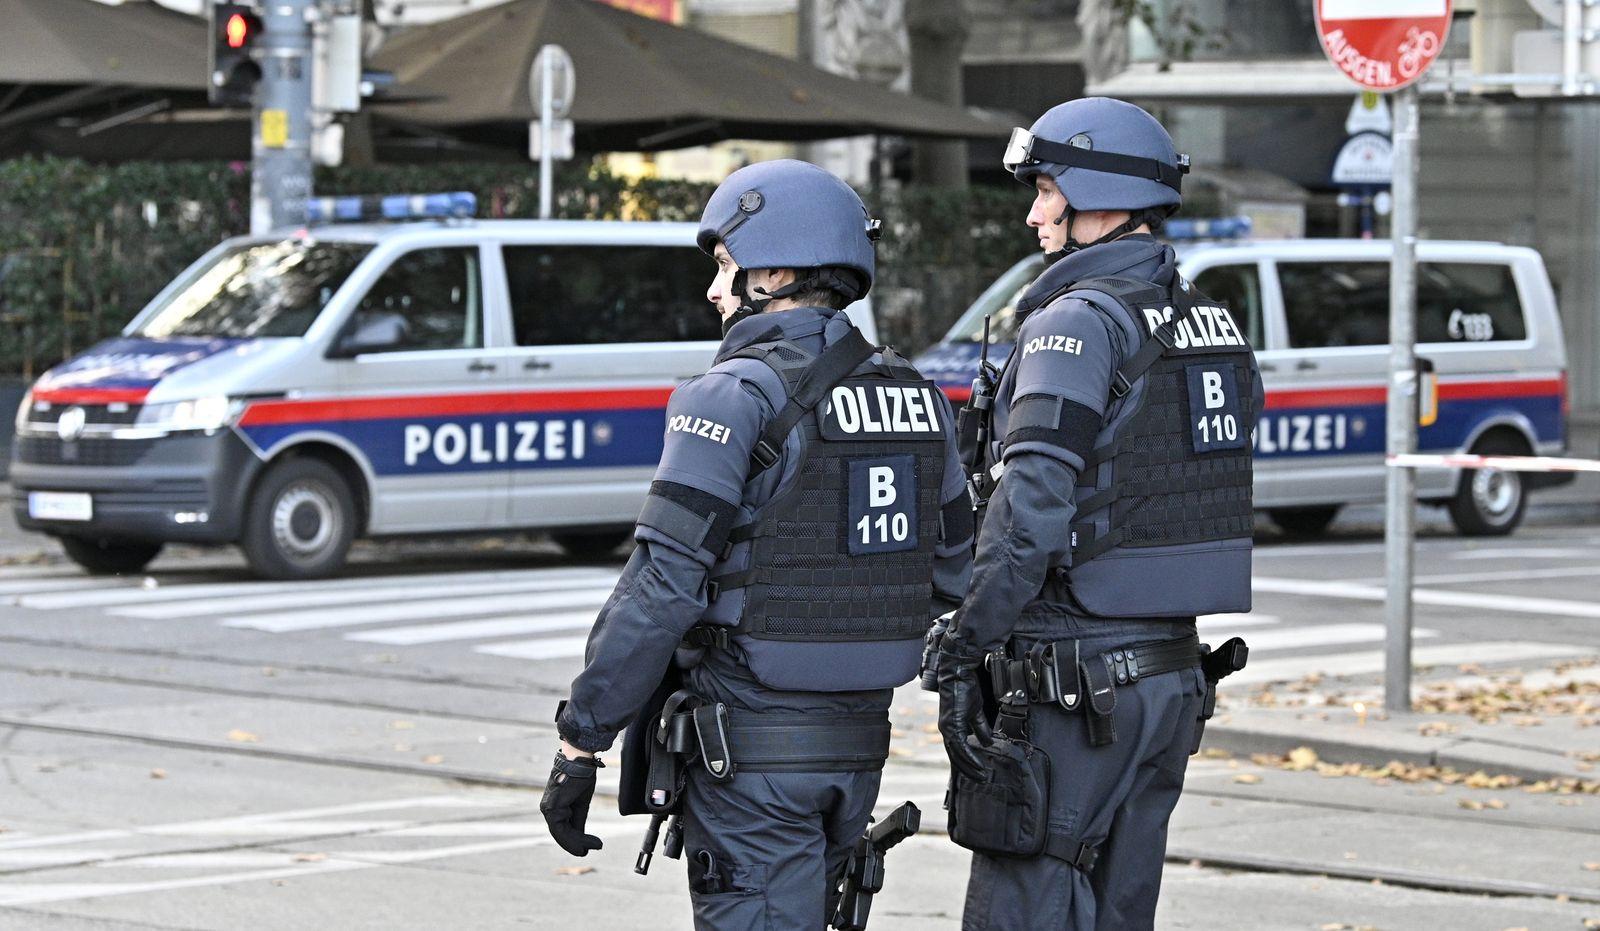 ANSCHLAG IN WIEN: POLIZEIBEAMTE